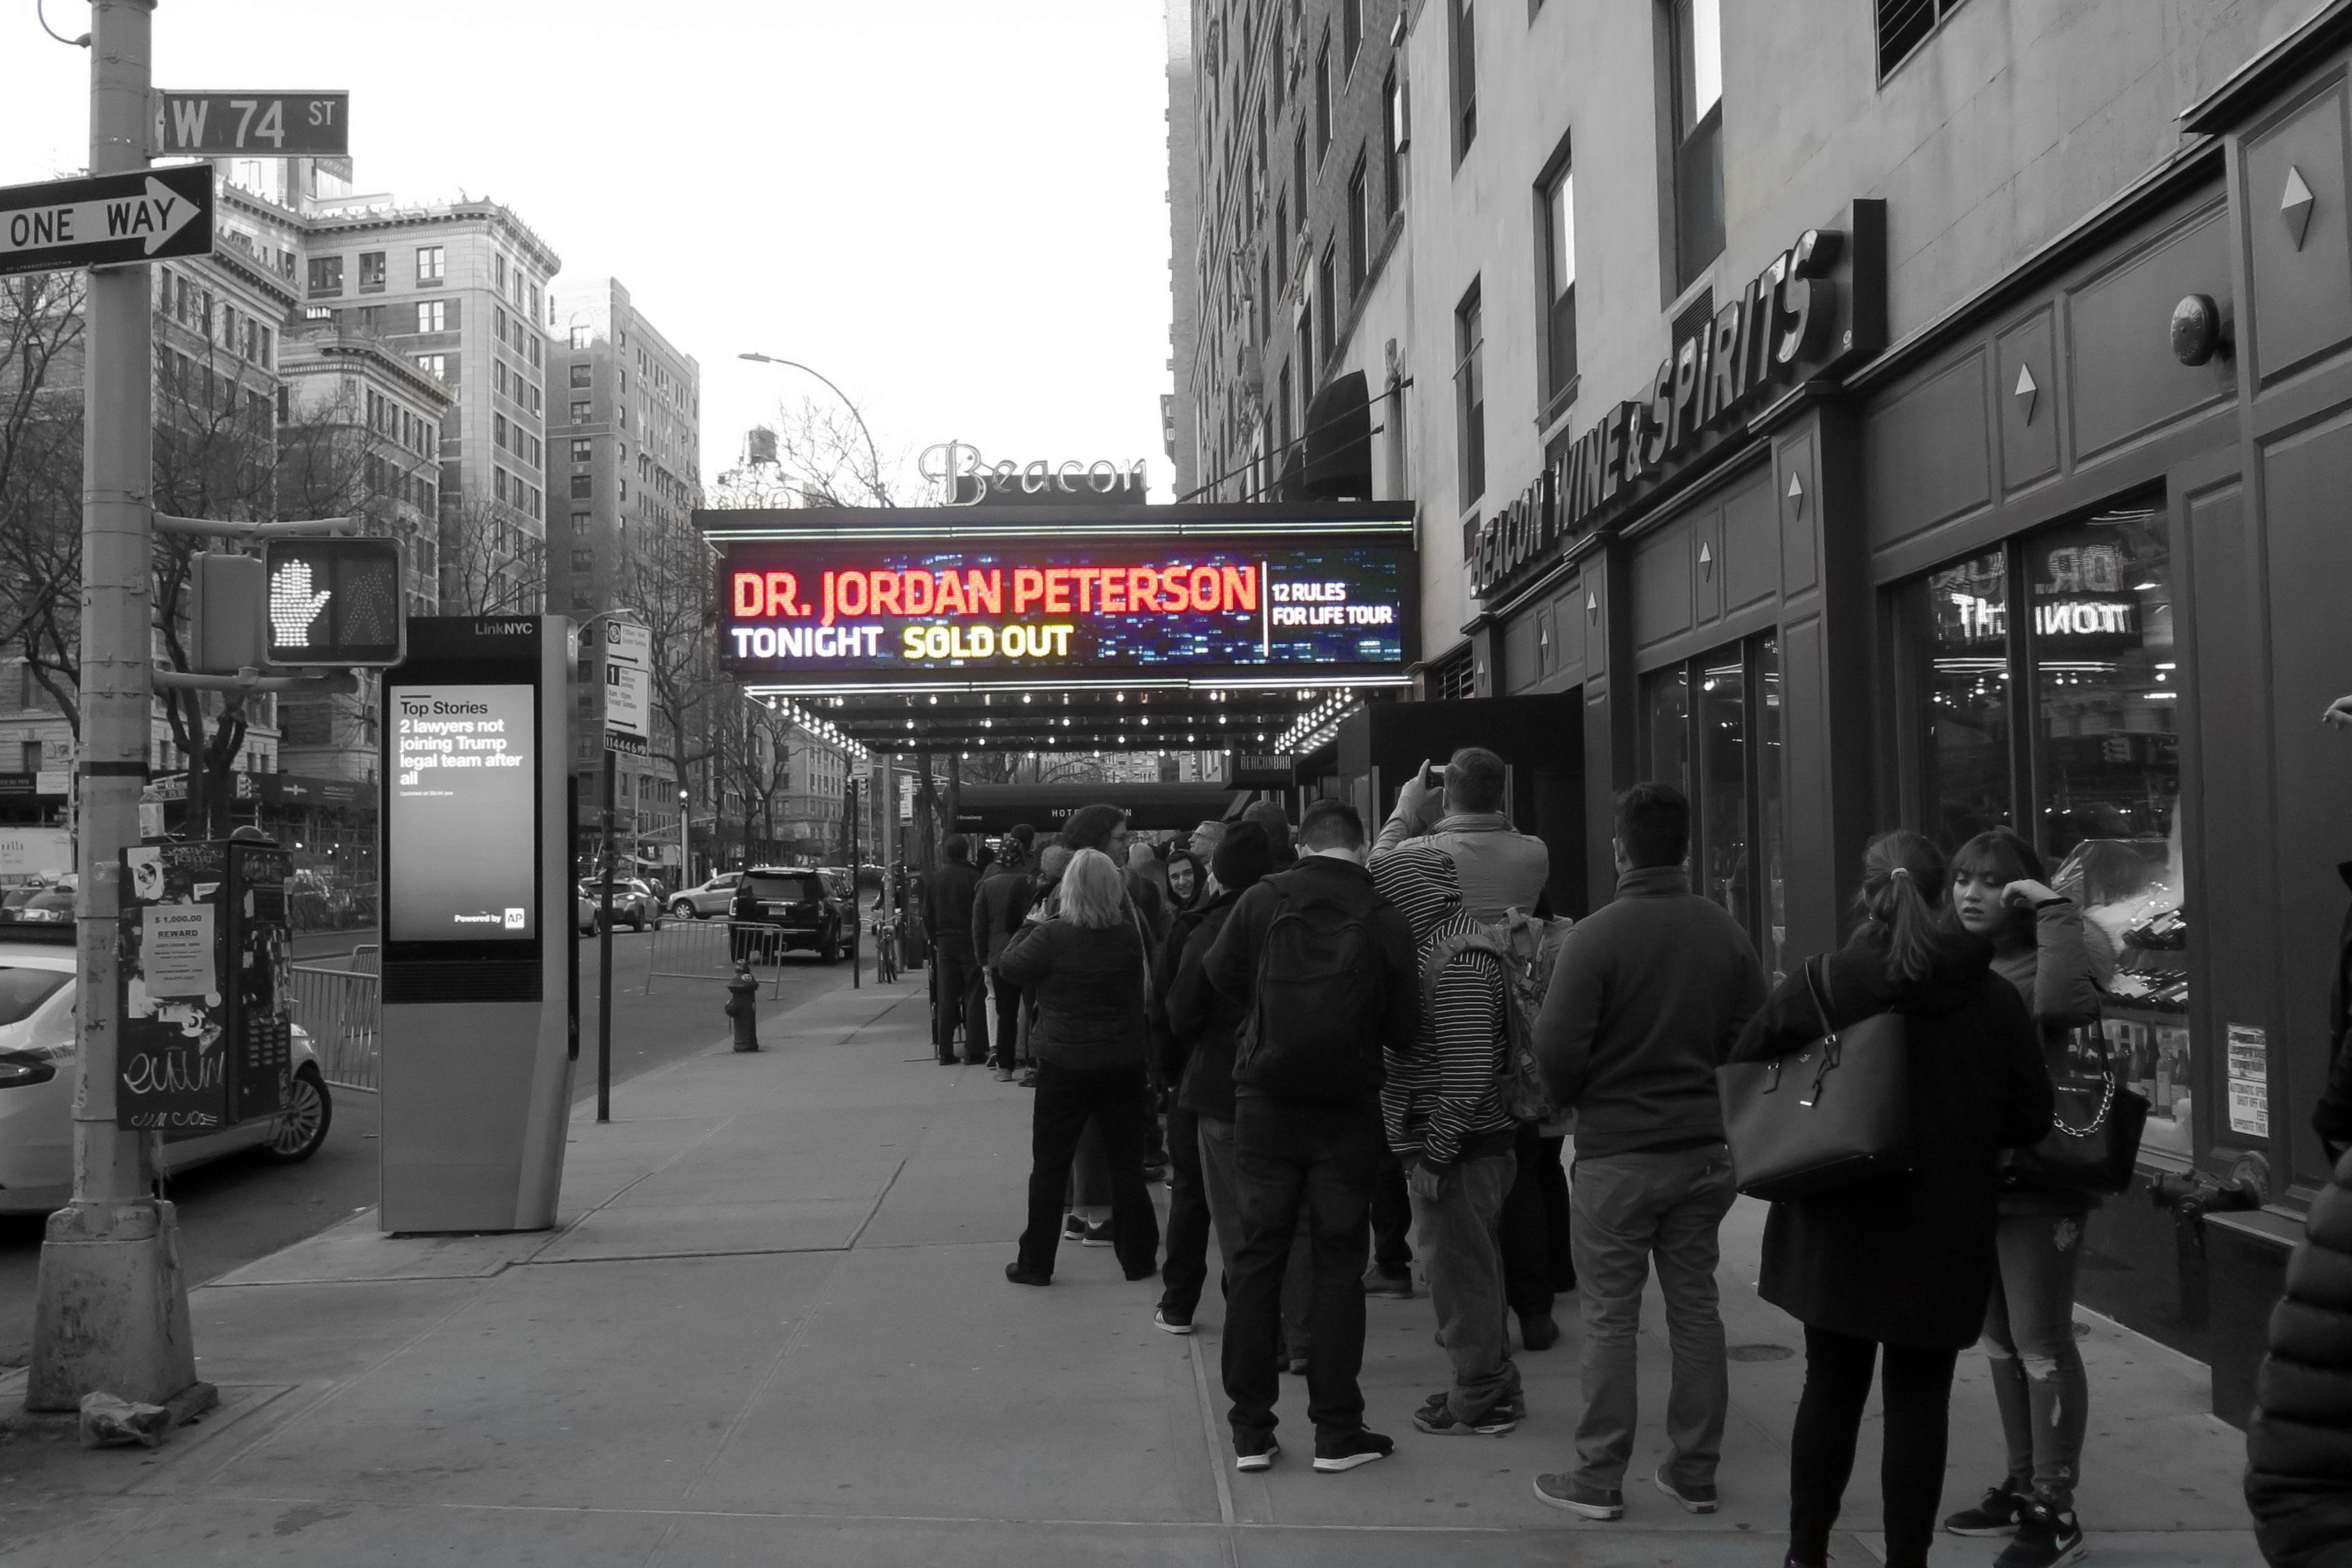 niska cena najlepsze podejście outlet na sprzedaż The Jordan Peterson Show in New York - Tingis Magazine